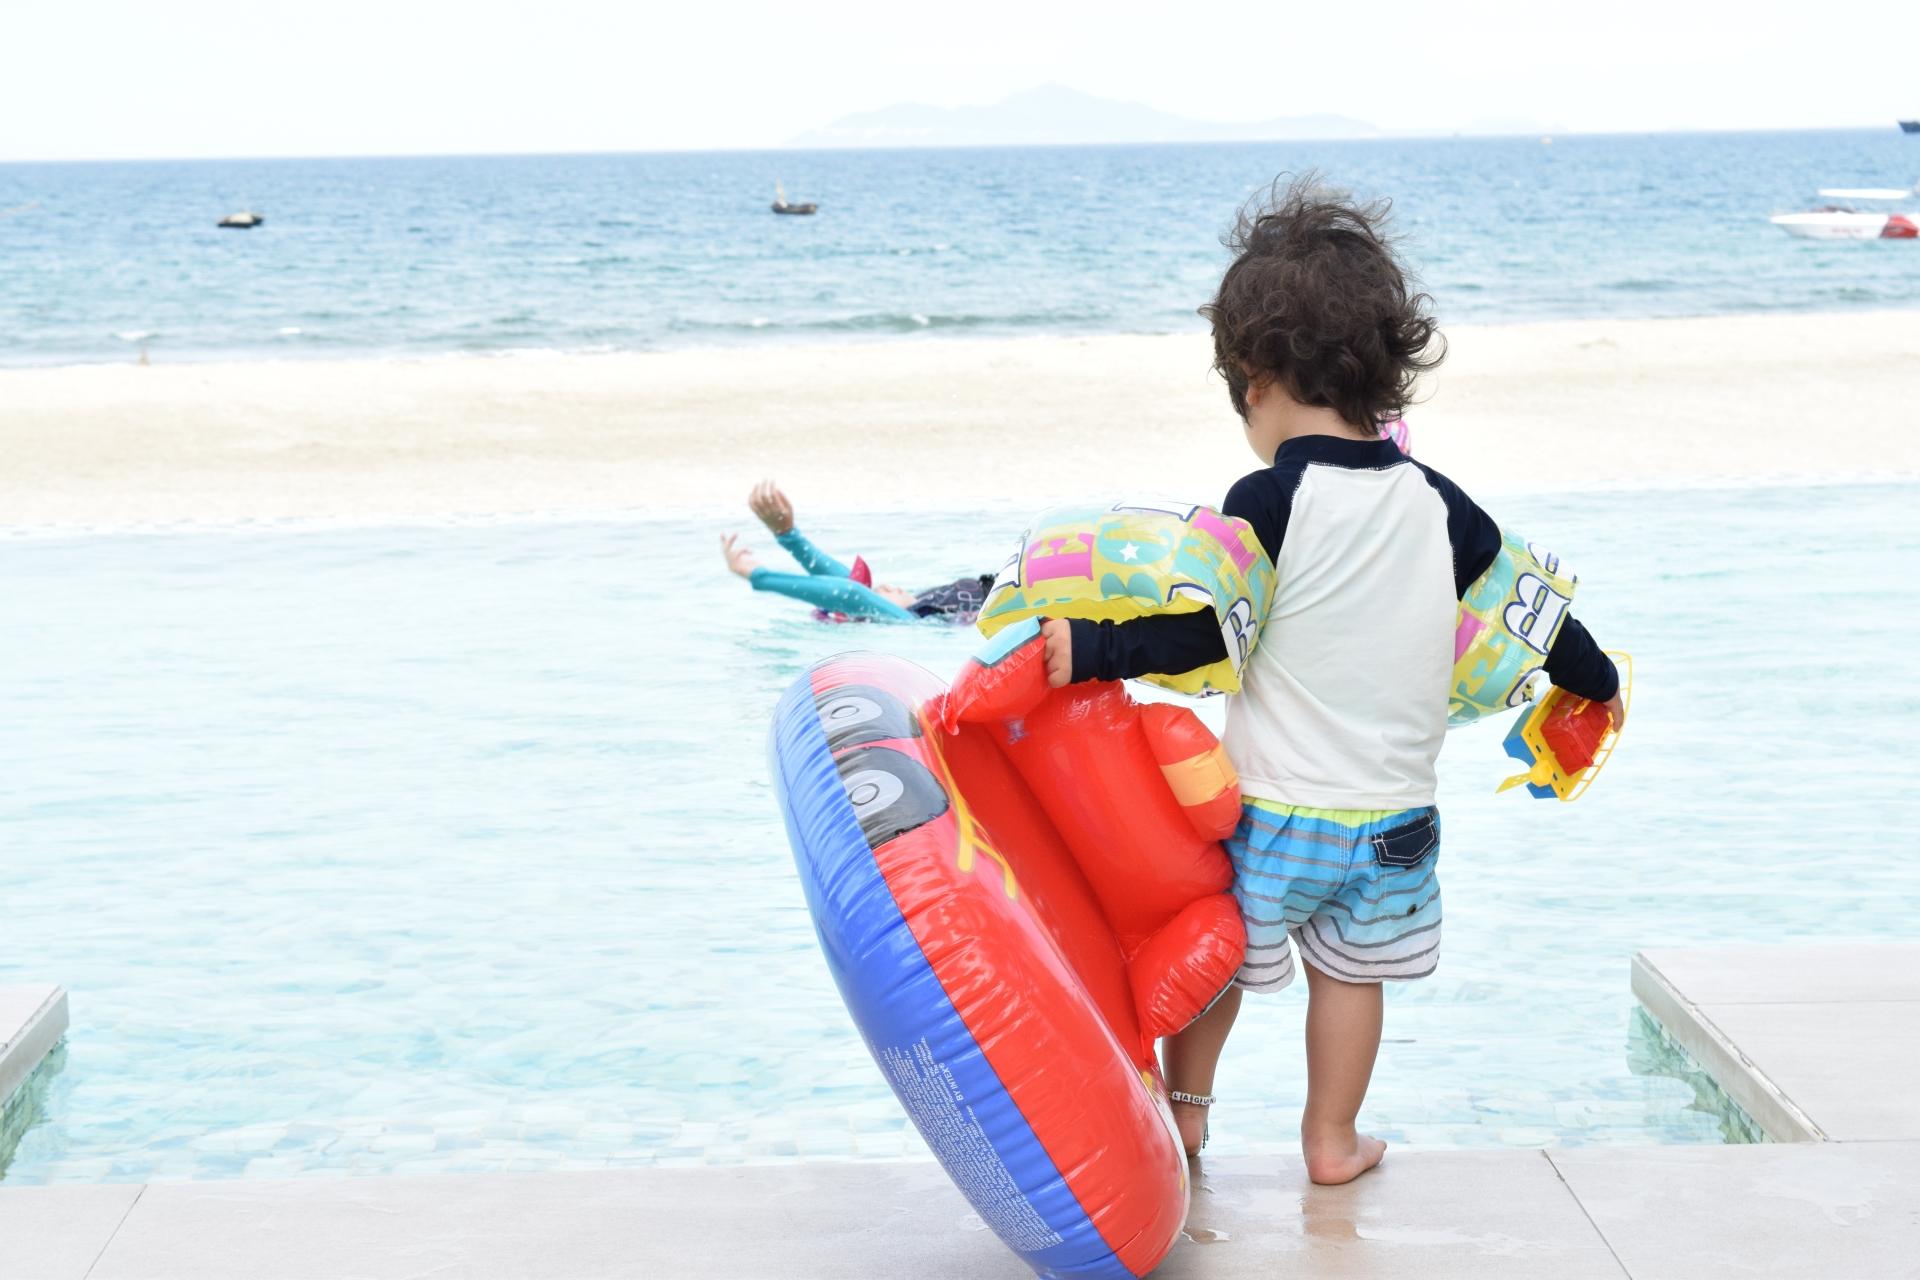 赤ちゃん・子どものプール&海水浴に必要な水着&ウェア